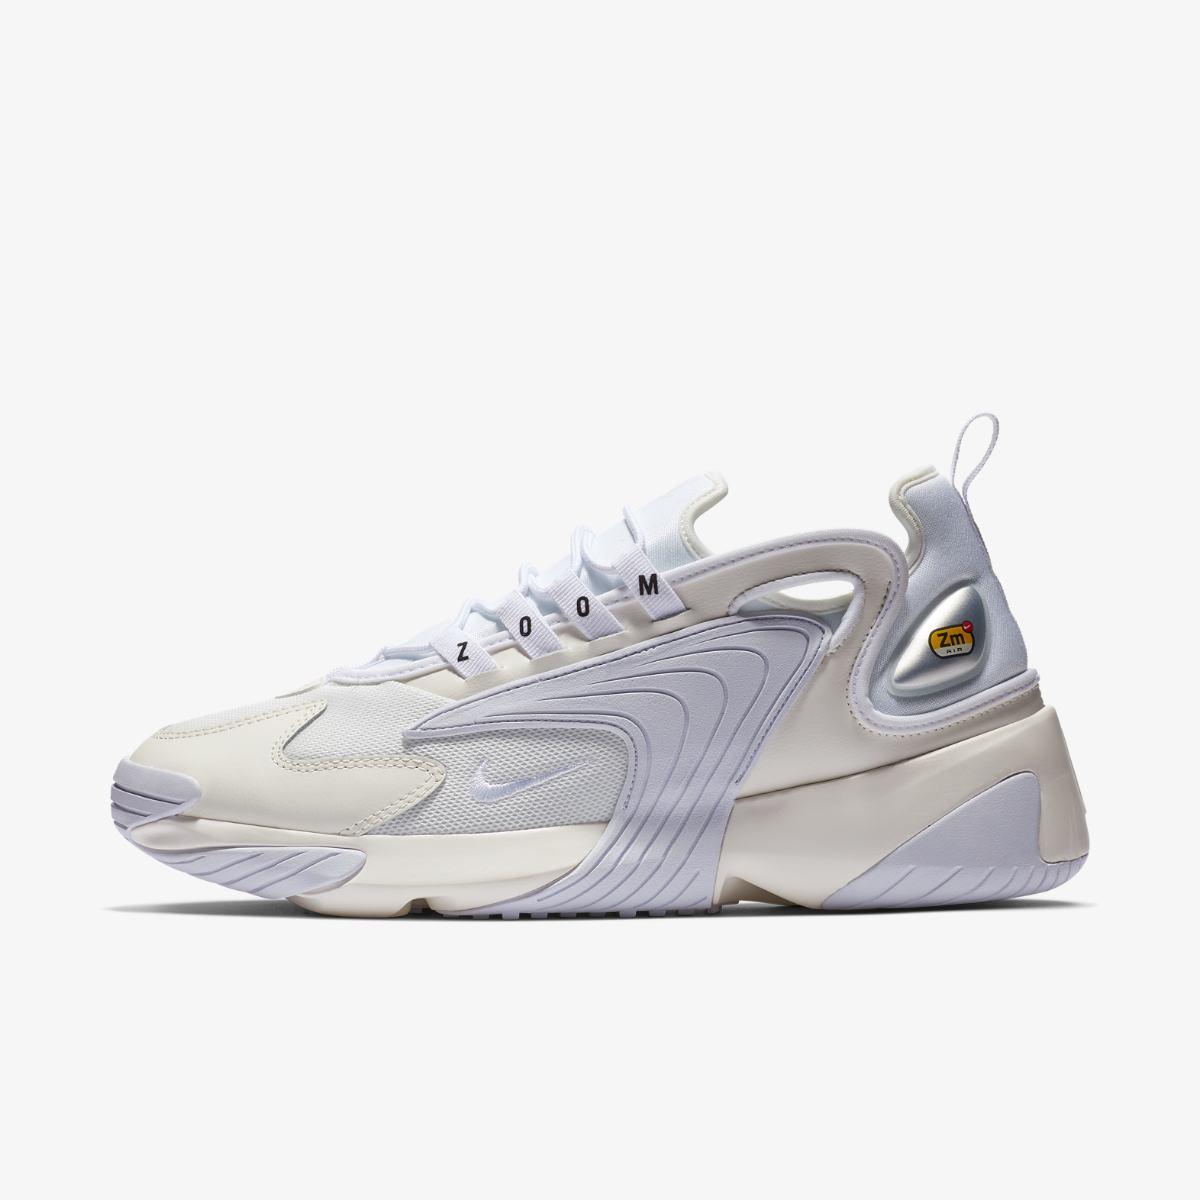 Кроссовки Nike ZOOM 2K AO0269-100 купить   deltasport.ua b785060db6c